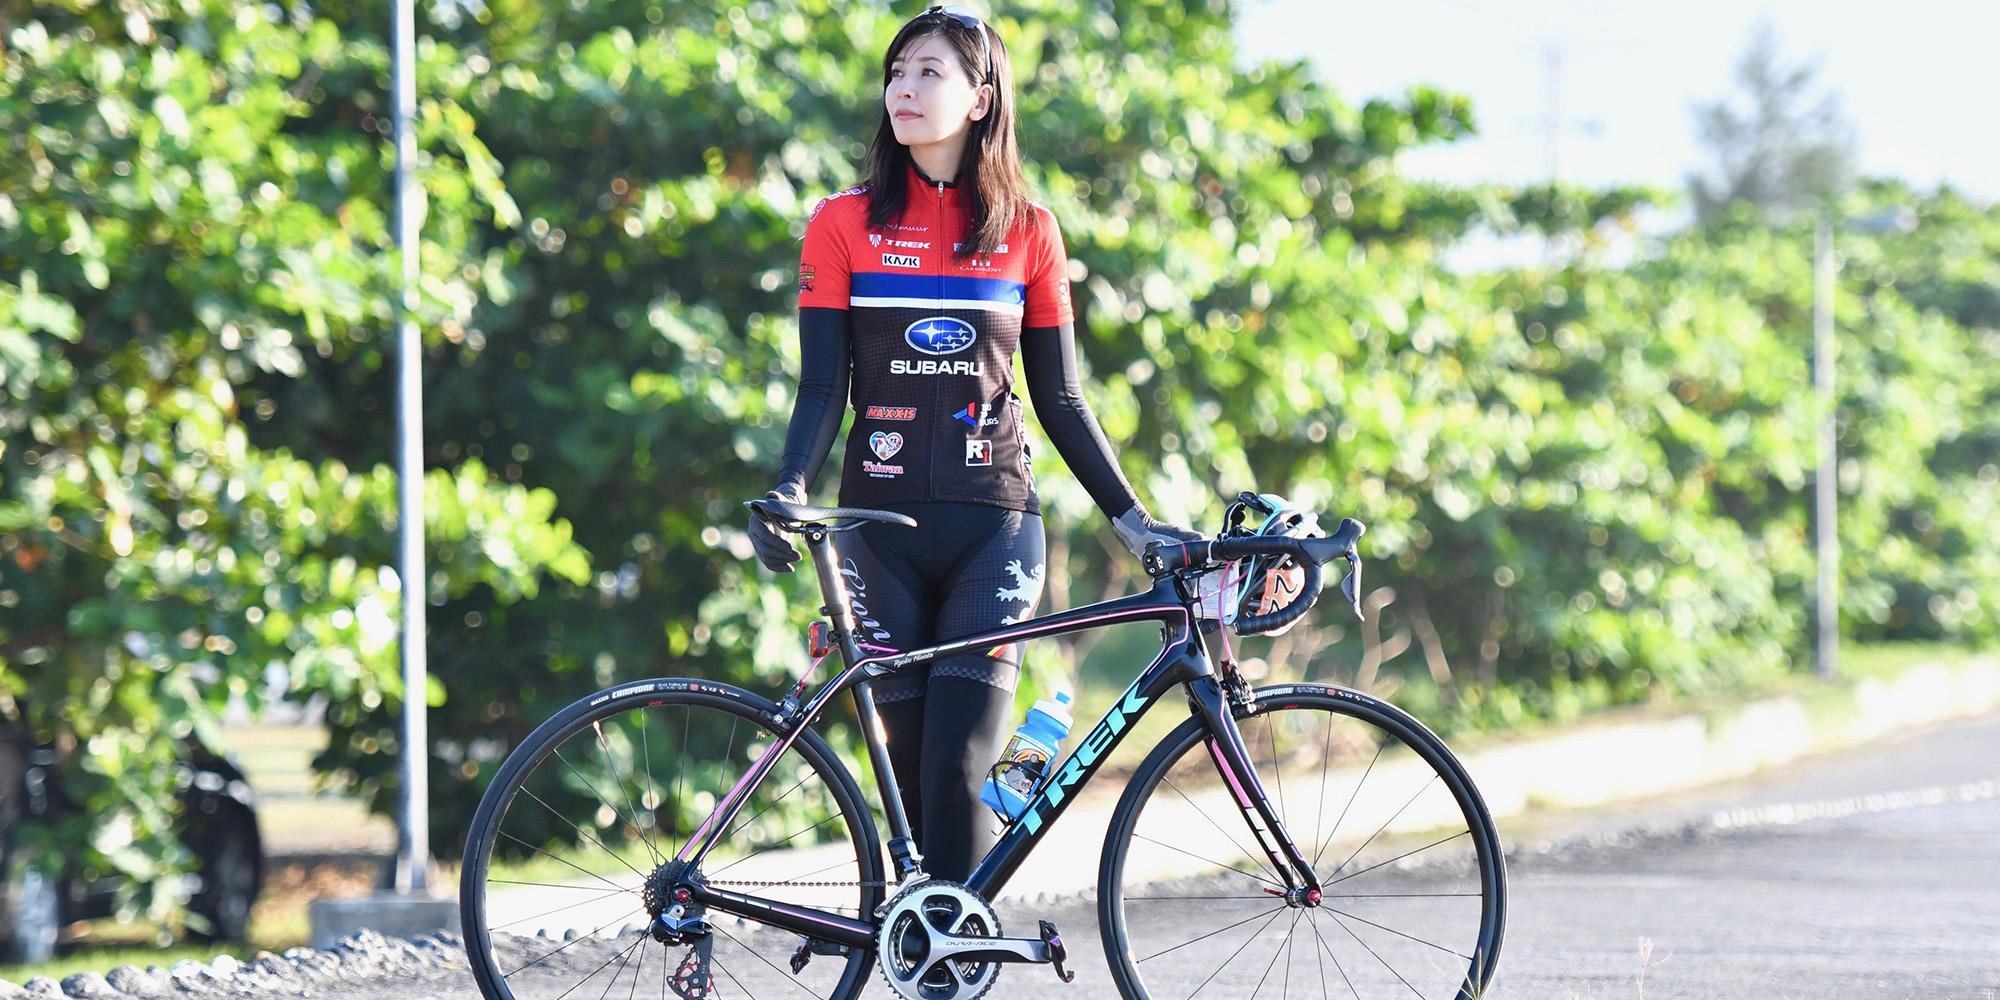 気軽なサイクリングから本格的なレースまでスポーツバイクを楽しむためのメディア|サイクルコンシェルジュ